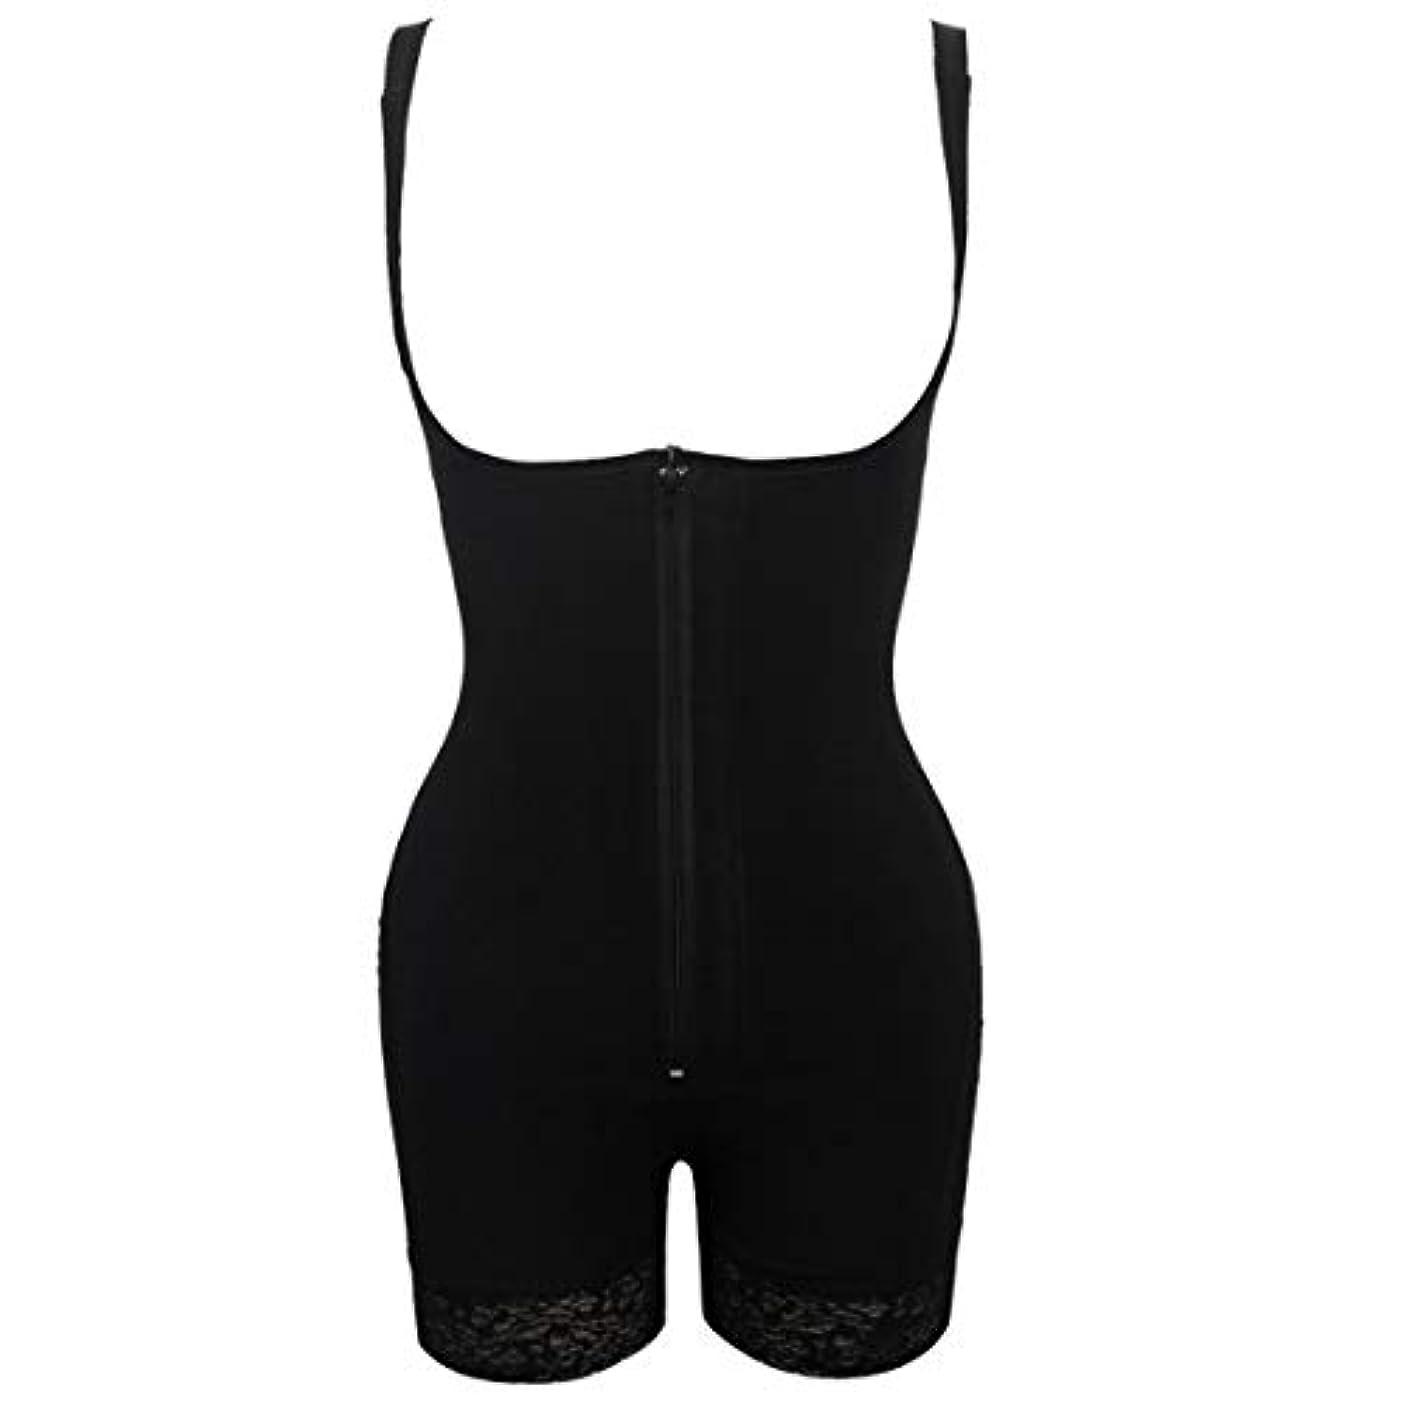 気を散らす通訳願望プラグサイズ女性スリムアンダーウェアボディスーツシェイプウェアレディーアンダーバストボディシェイパー ランジェリープラスサイズウエストトレーナー-ブラック-S